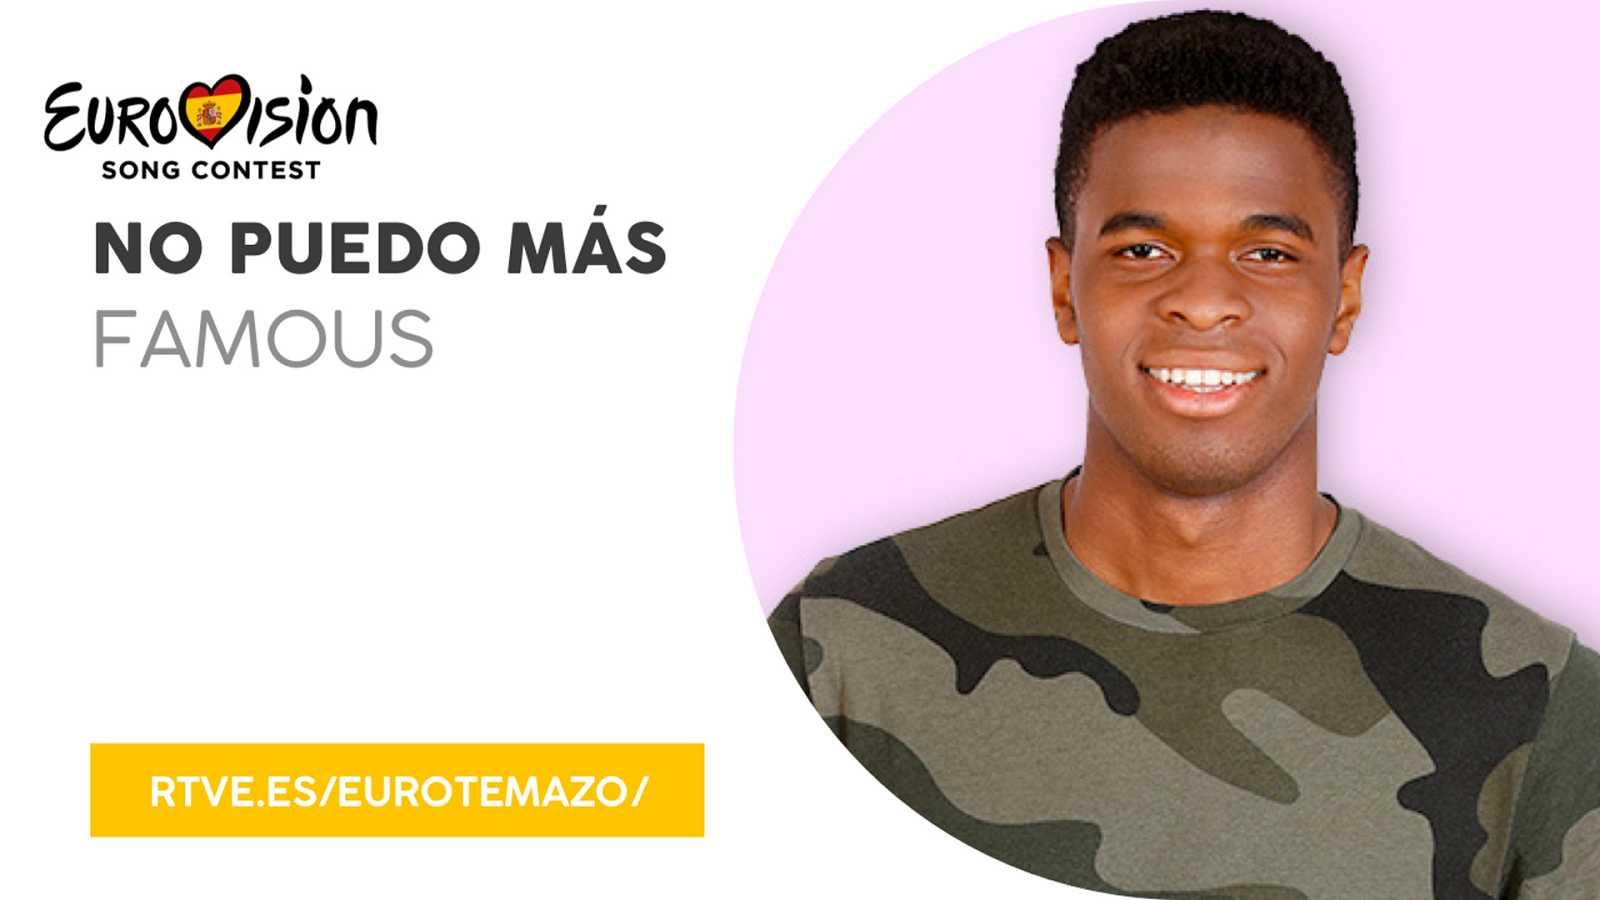 """Eurovisión 2019 - Eurotemazo: Escucha """"""""No puedo más"""" de Famous"""